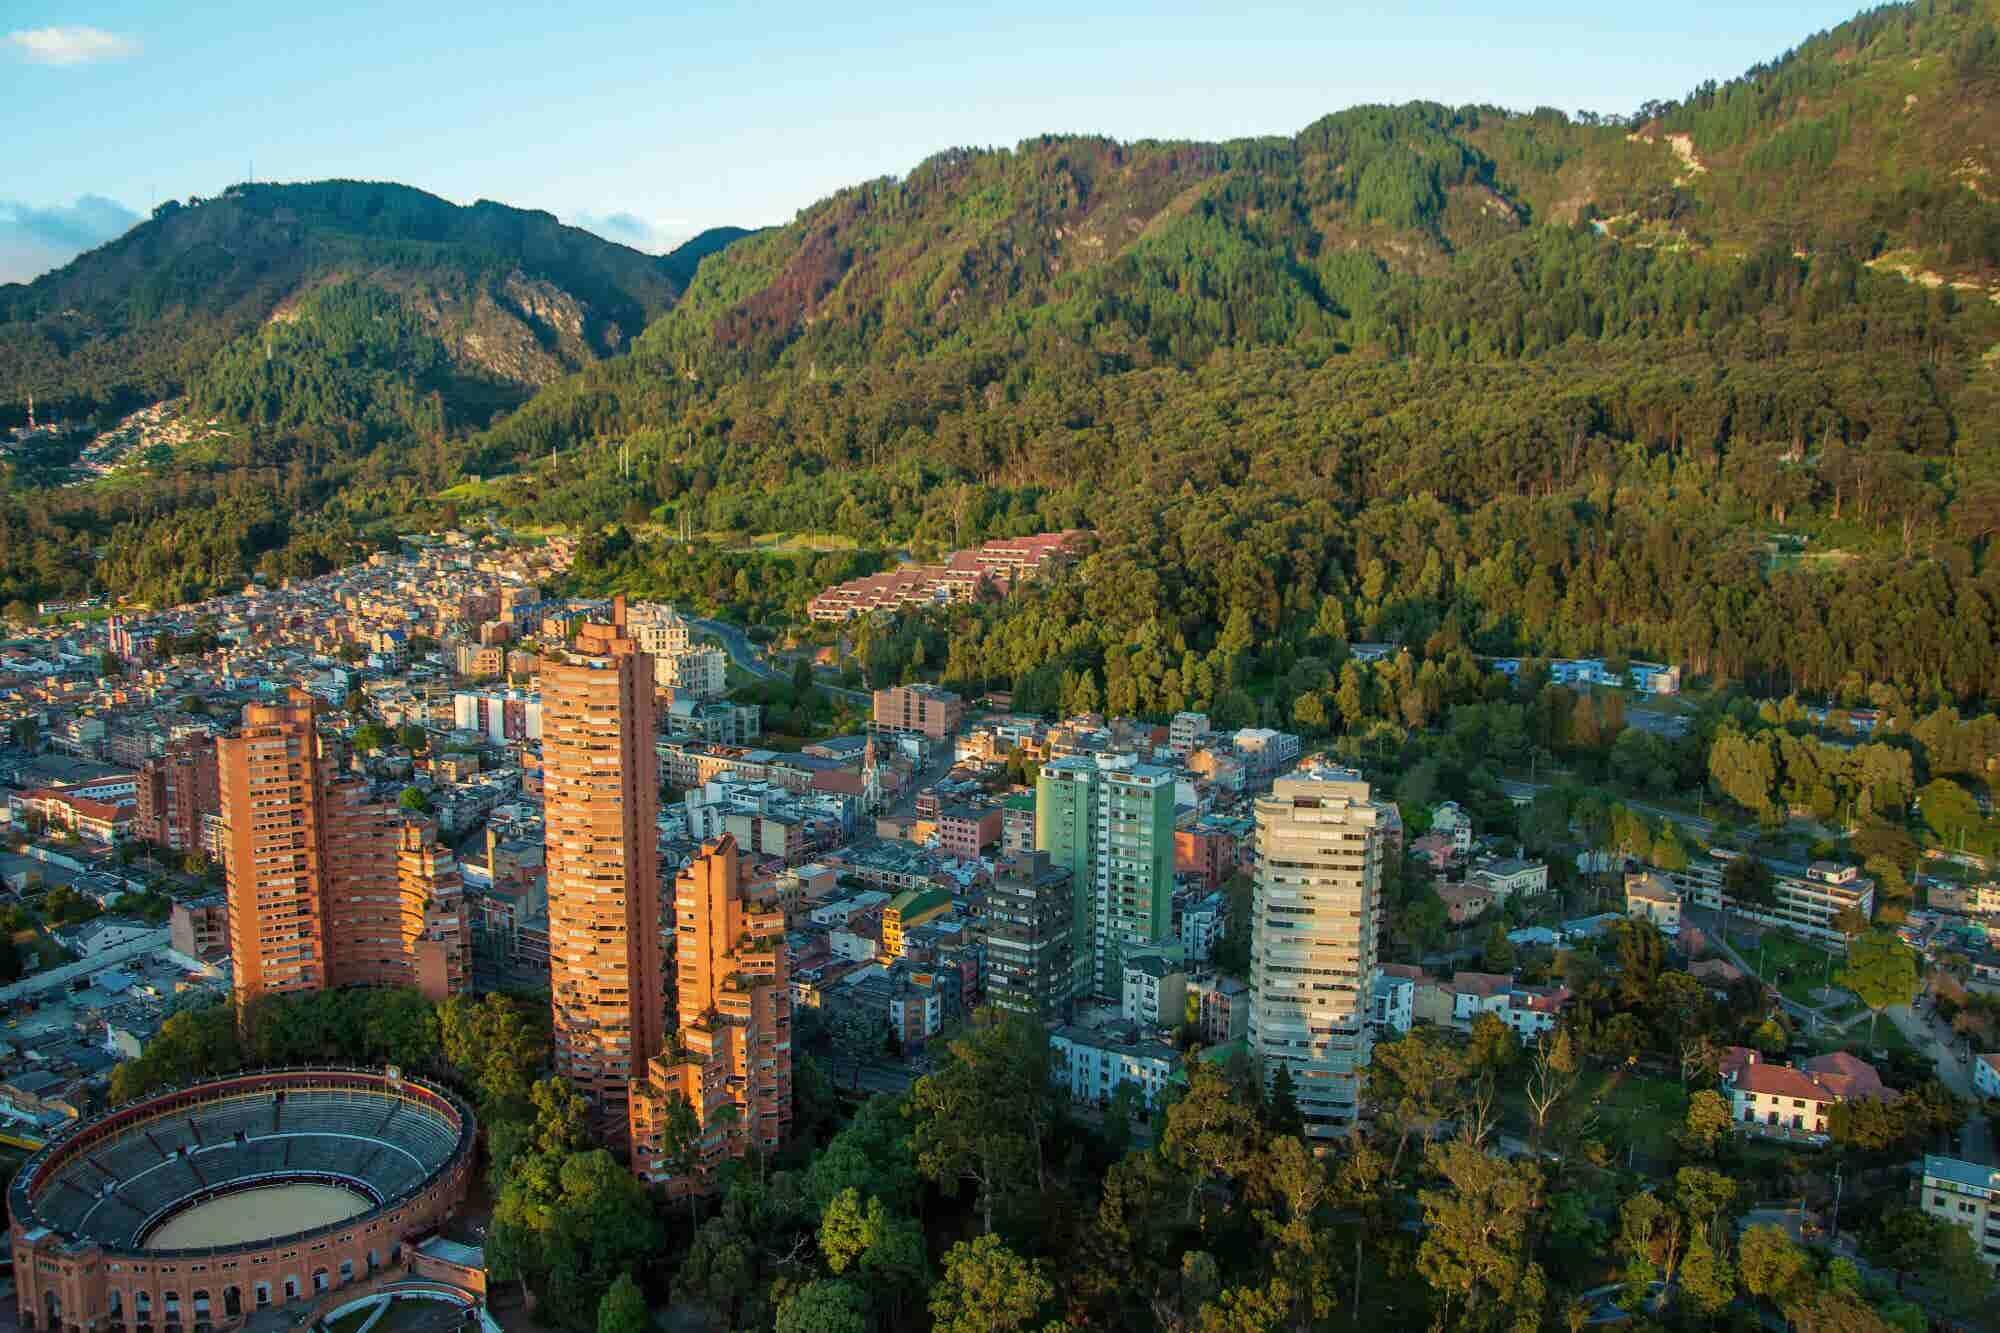 Colombia quiere convertirse en el mayor exportador de Latinoamérica